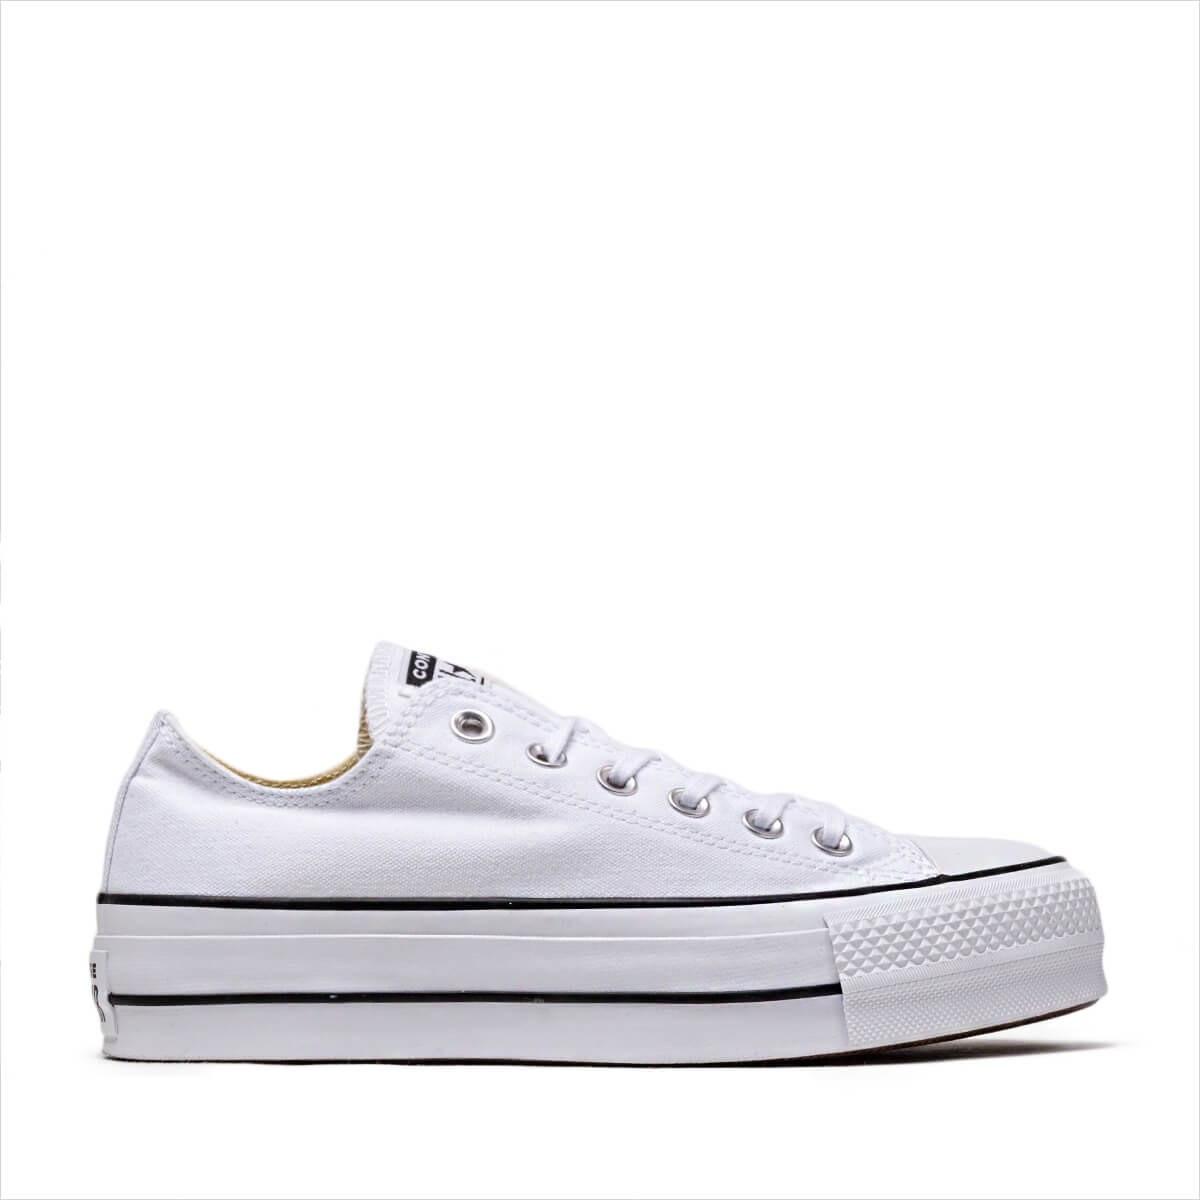 493c6f571e3a black white converse